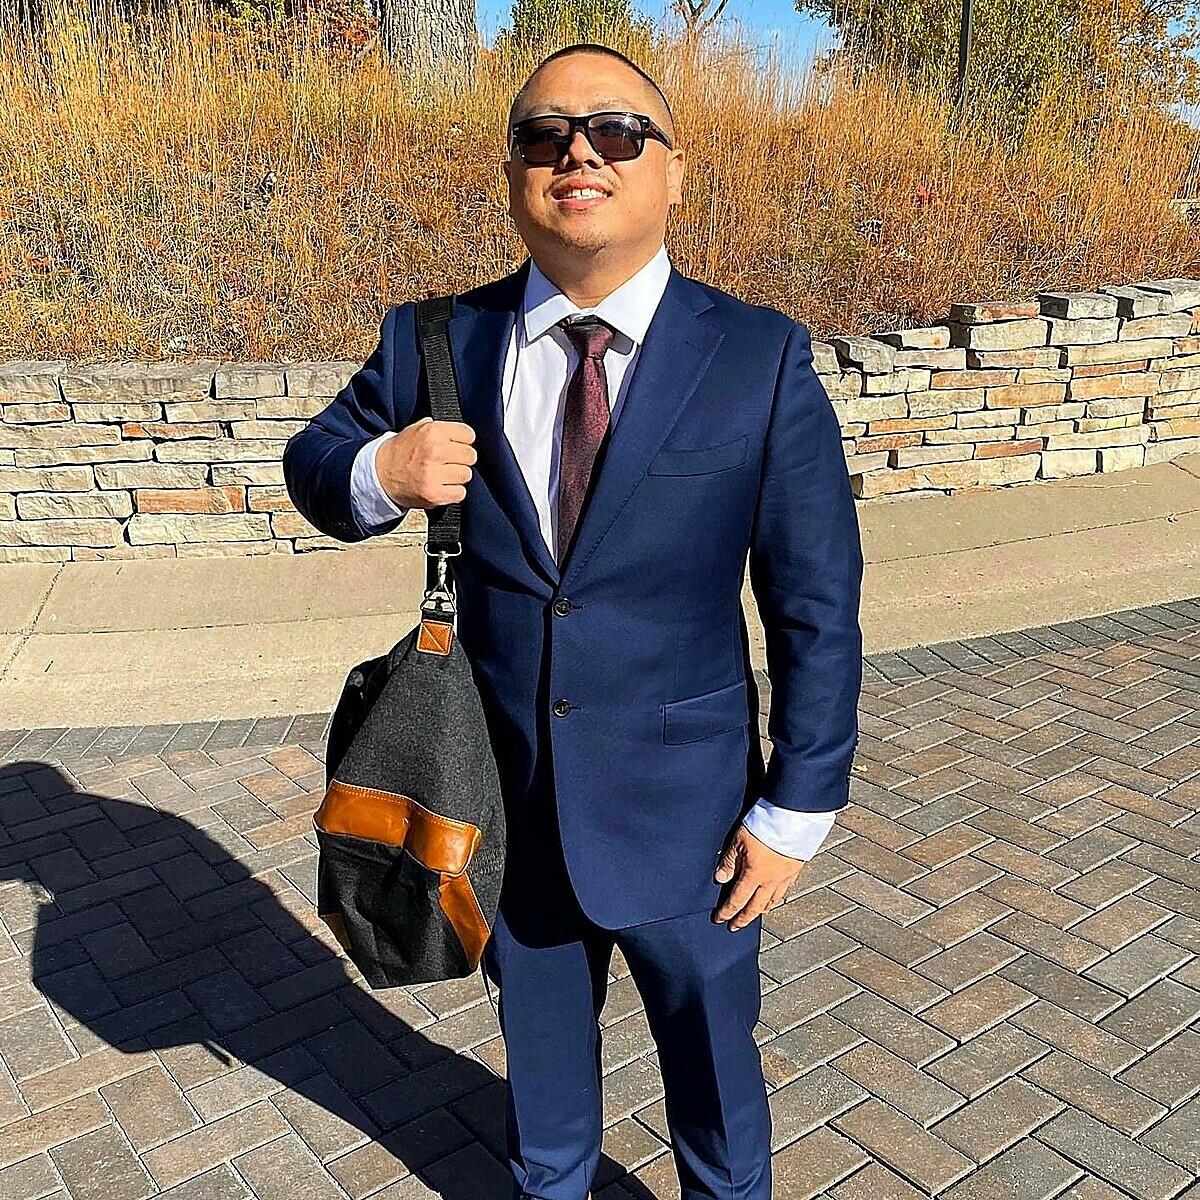 Bạn trai mới của cô bé Hmong làm việc tại Mỹ.